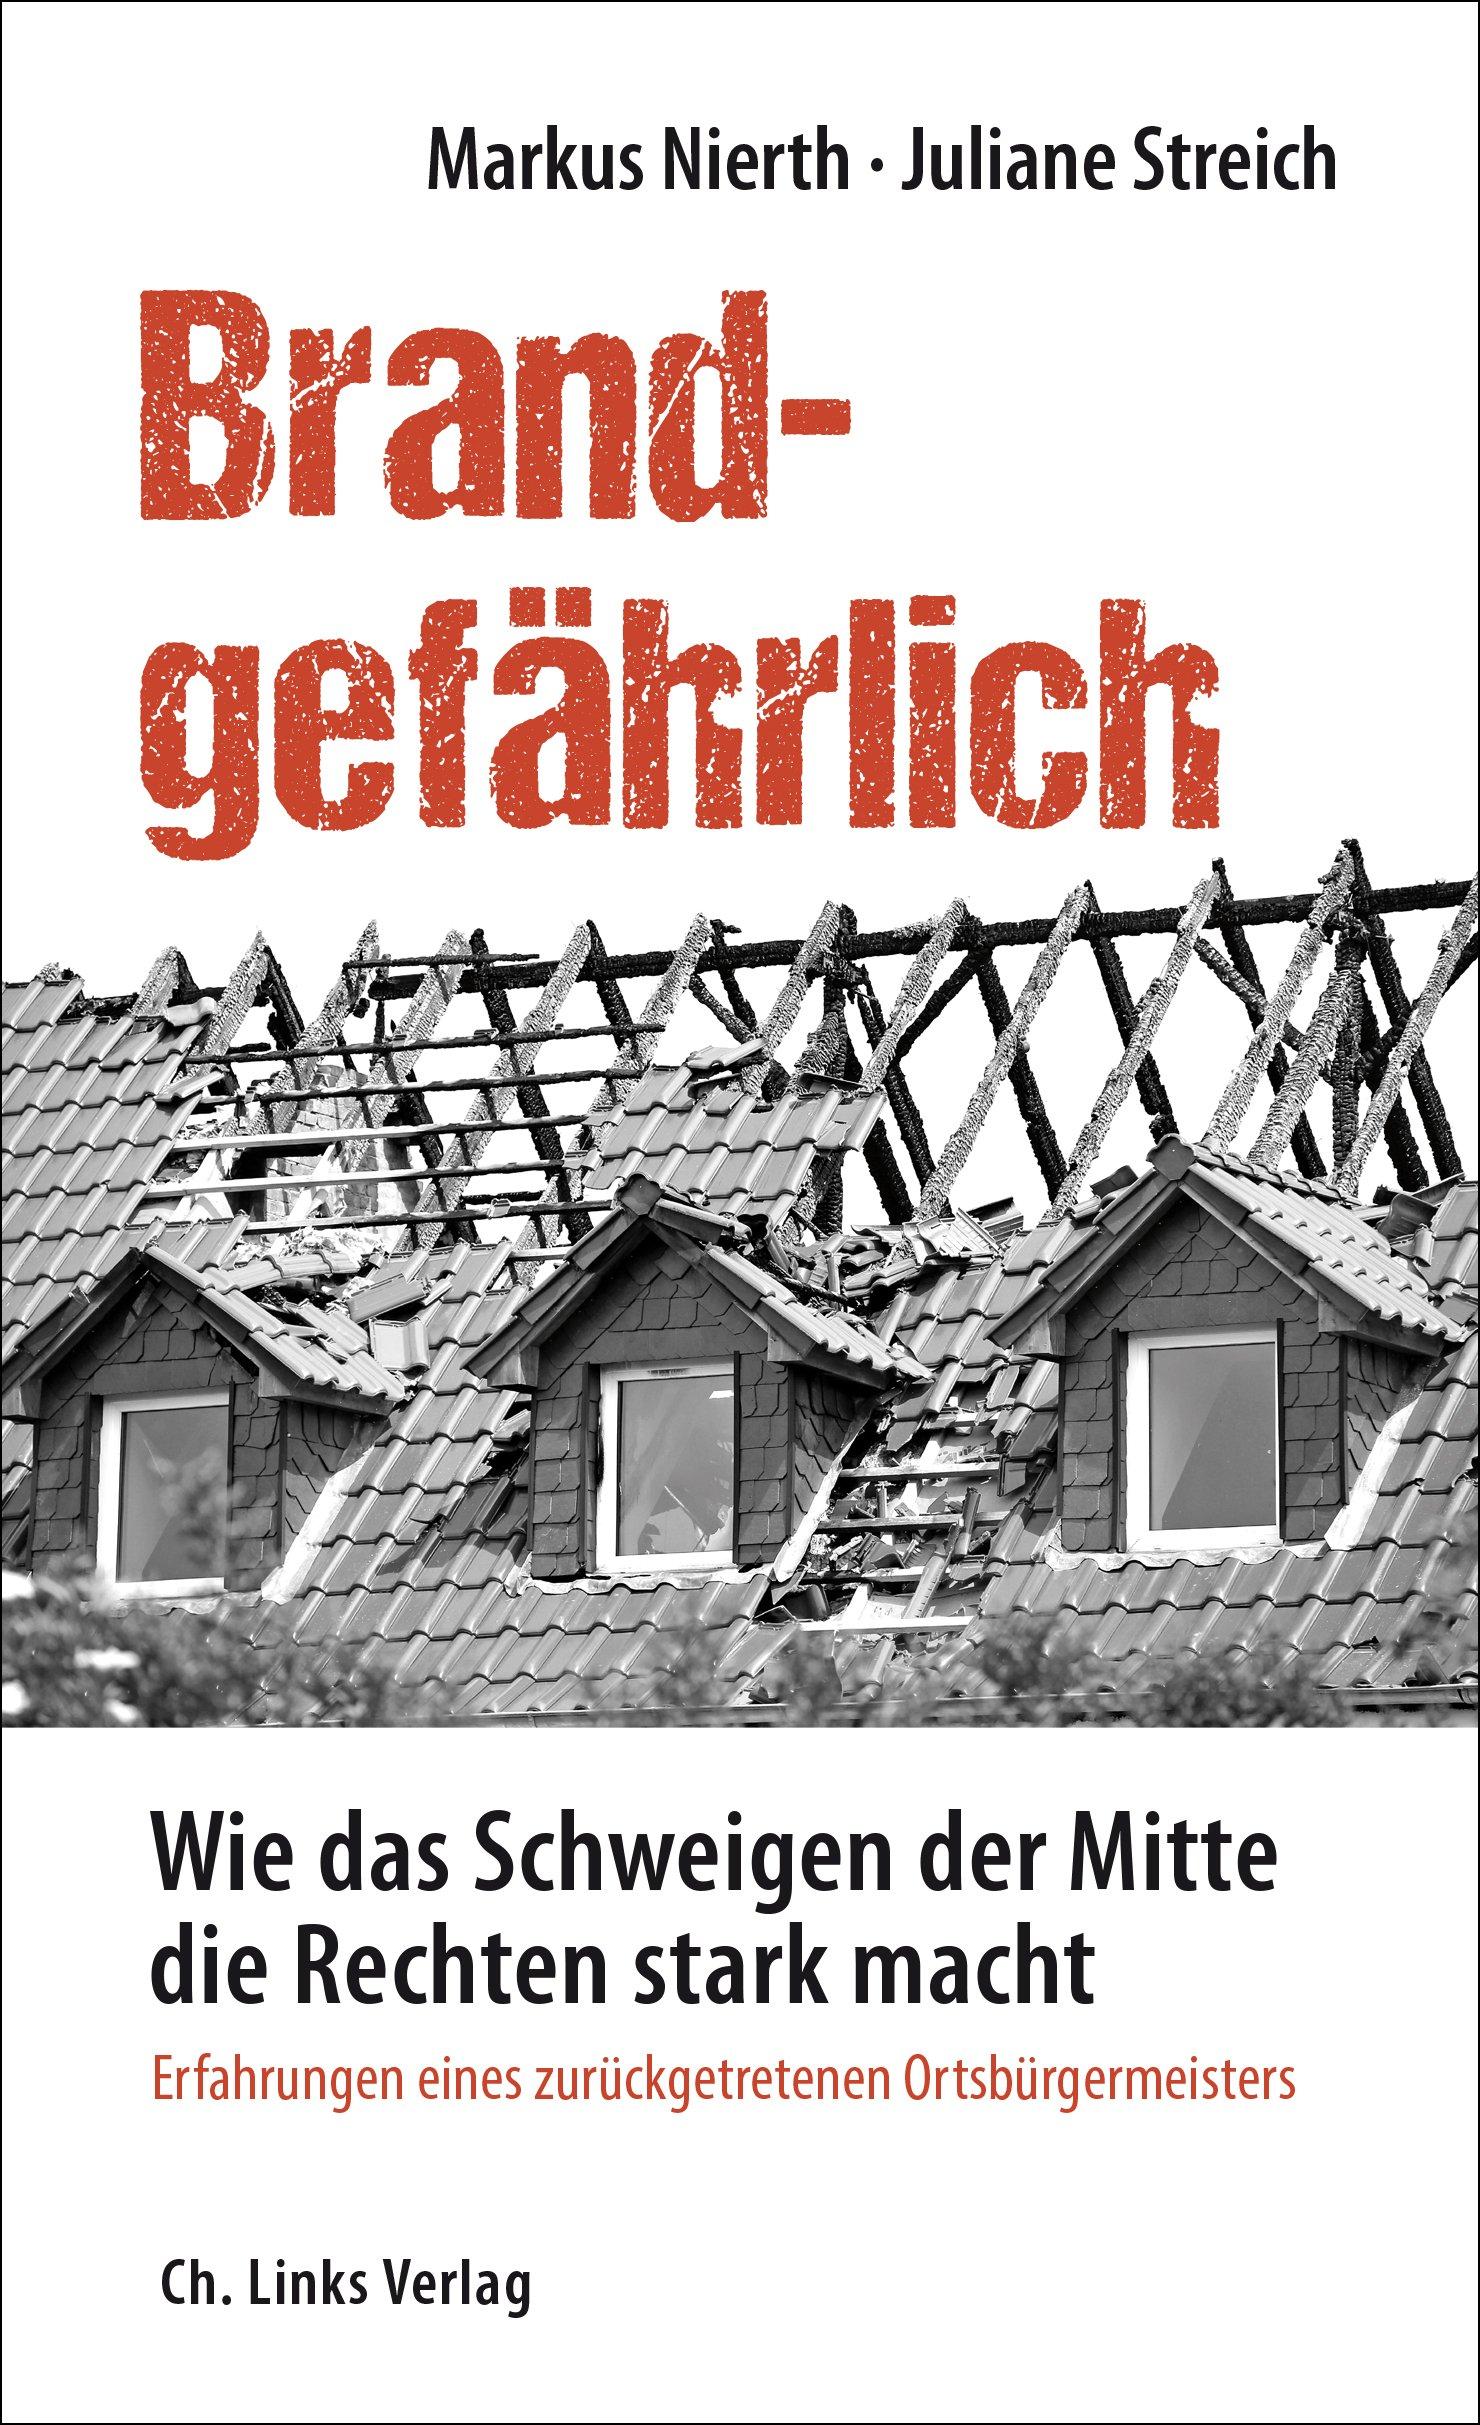 Brandgefährlich - Das Buch von Markus Nierth